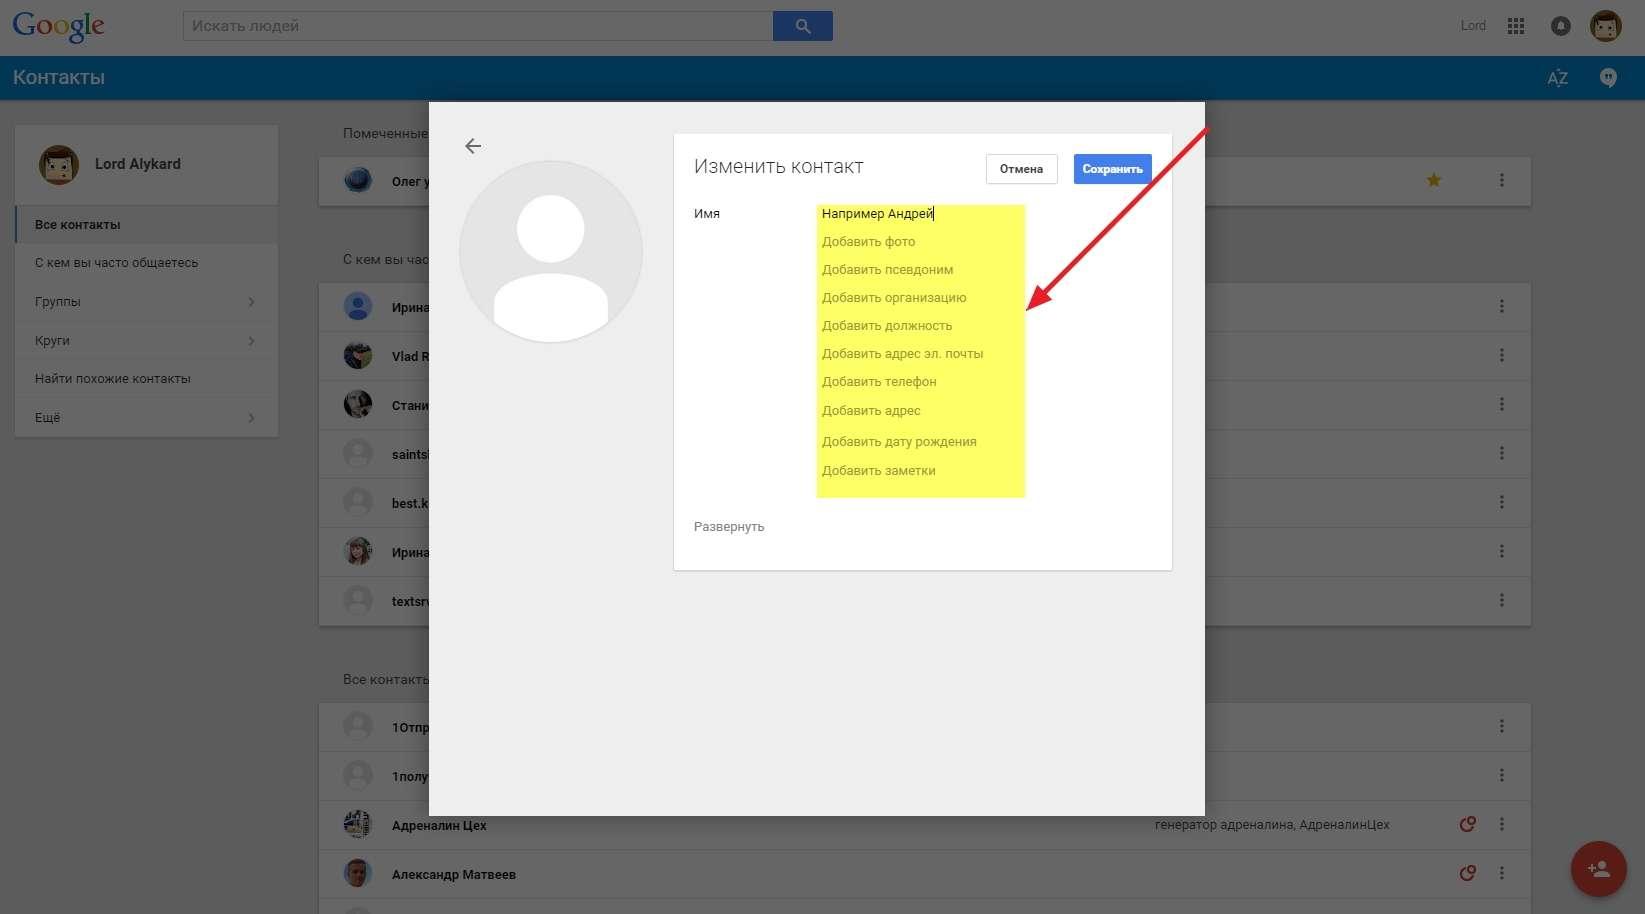 Google (гугл) контакти: як додати, перемістити, імпортувати і видалити контакти